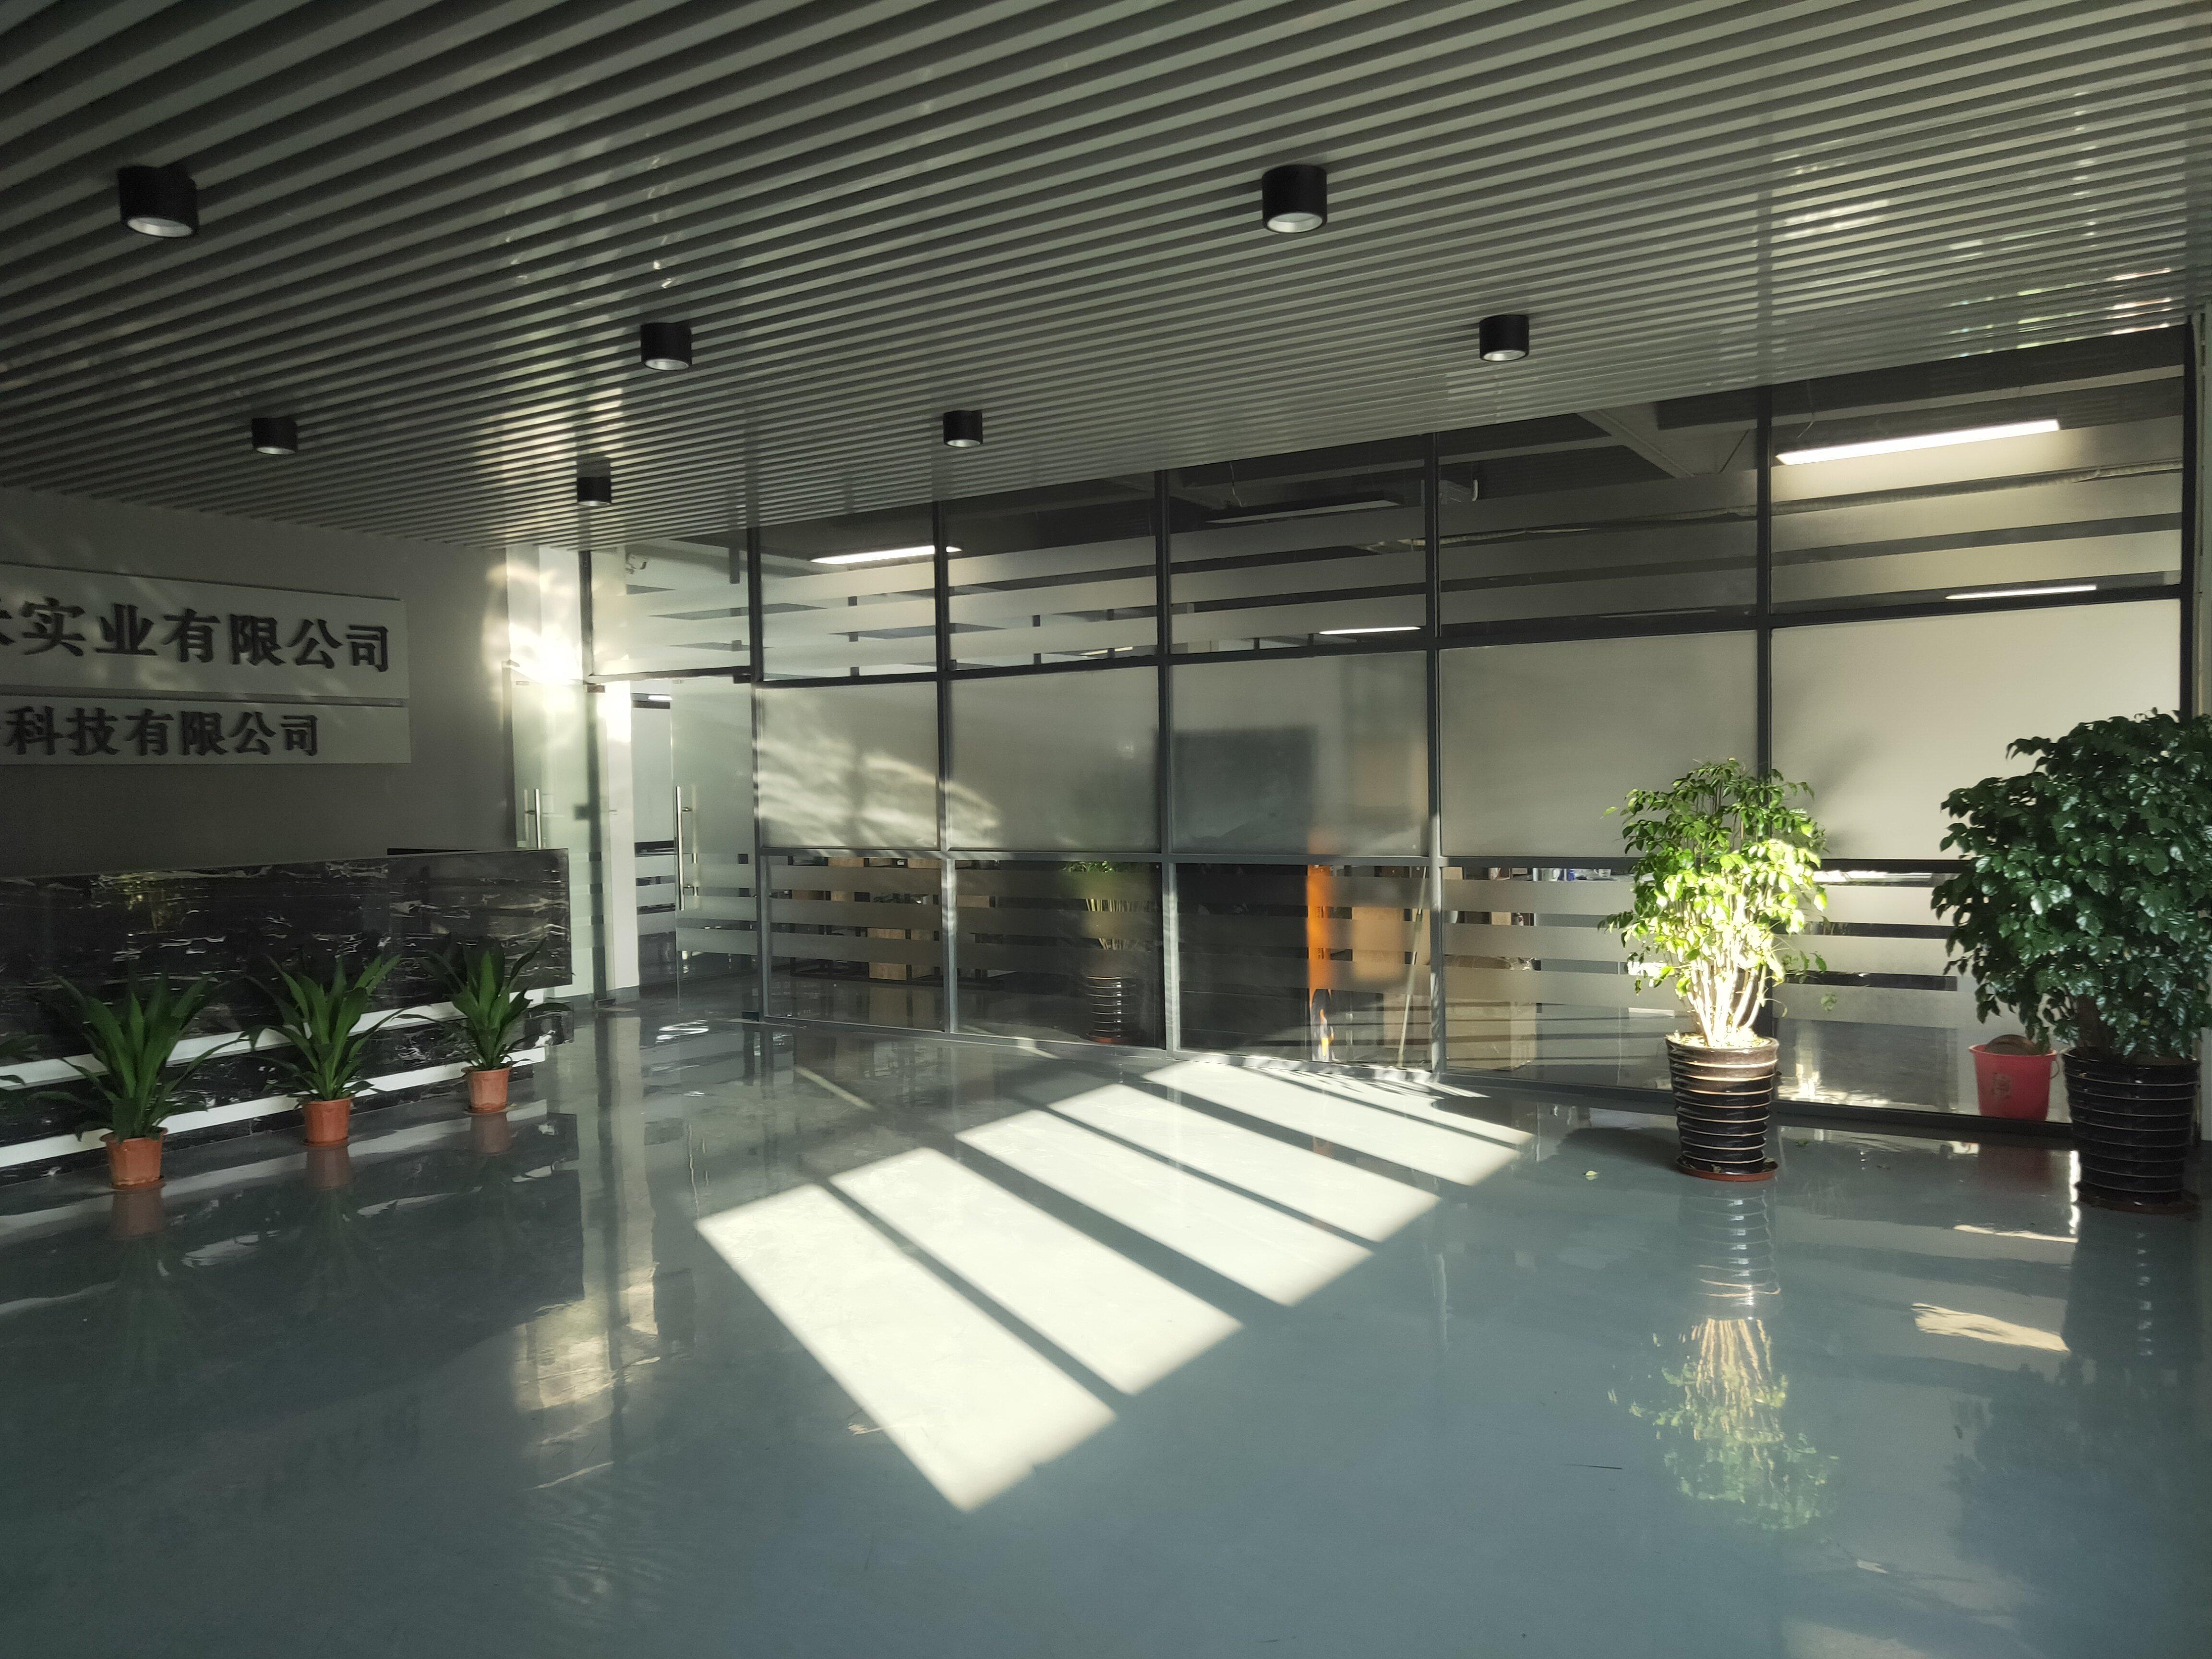 松岗罗田龙大高速出口附近新出: 二楼整层2000平方实际面积